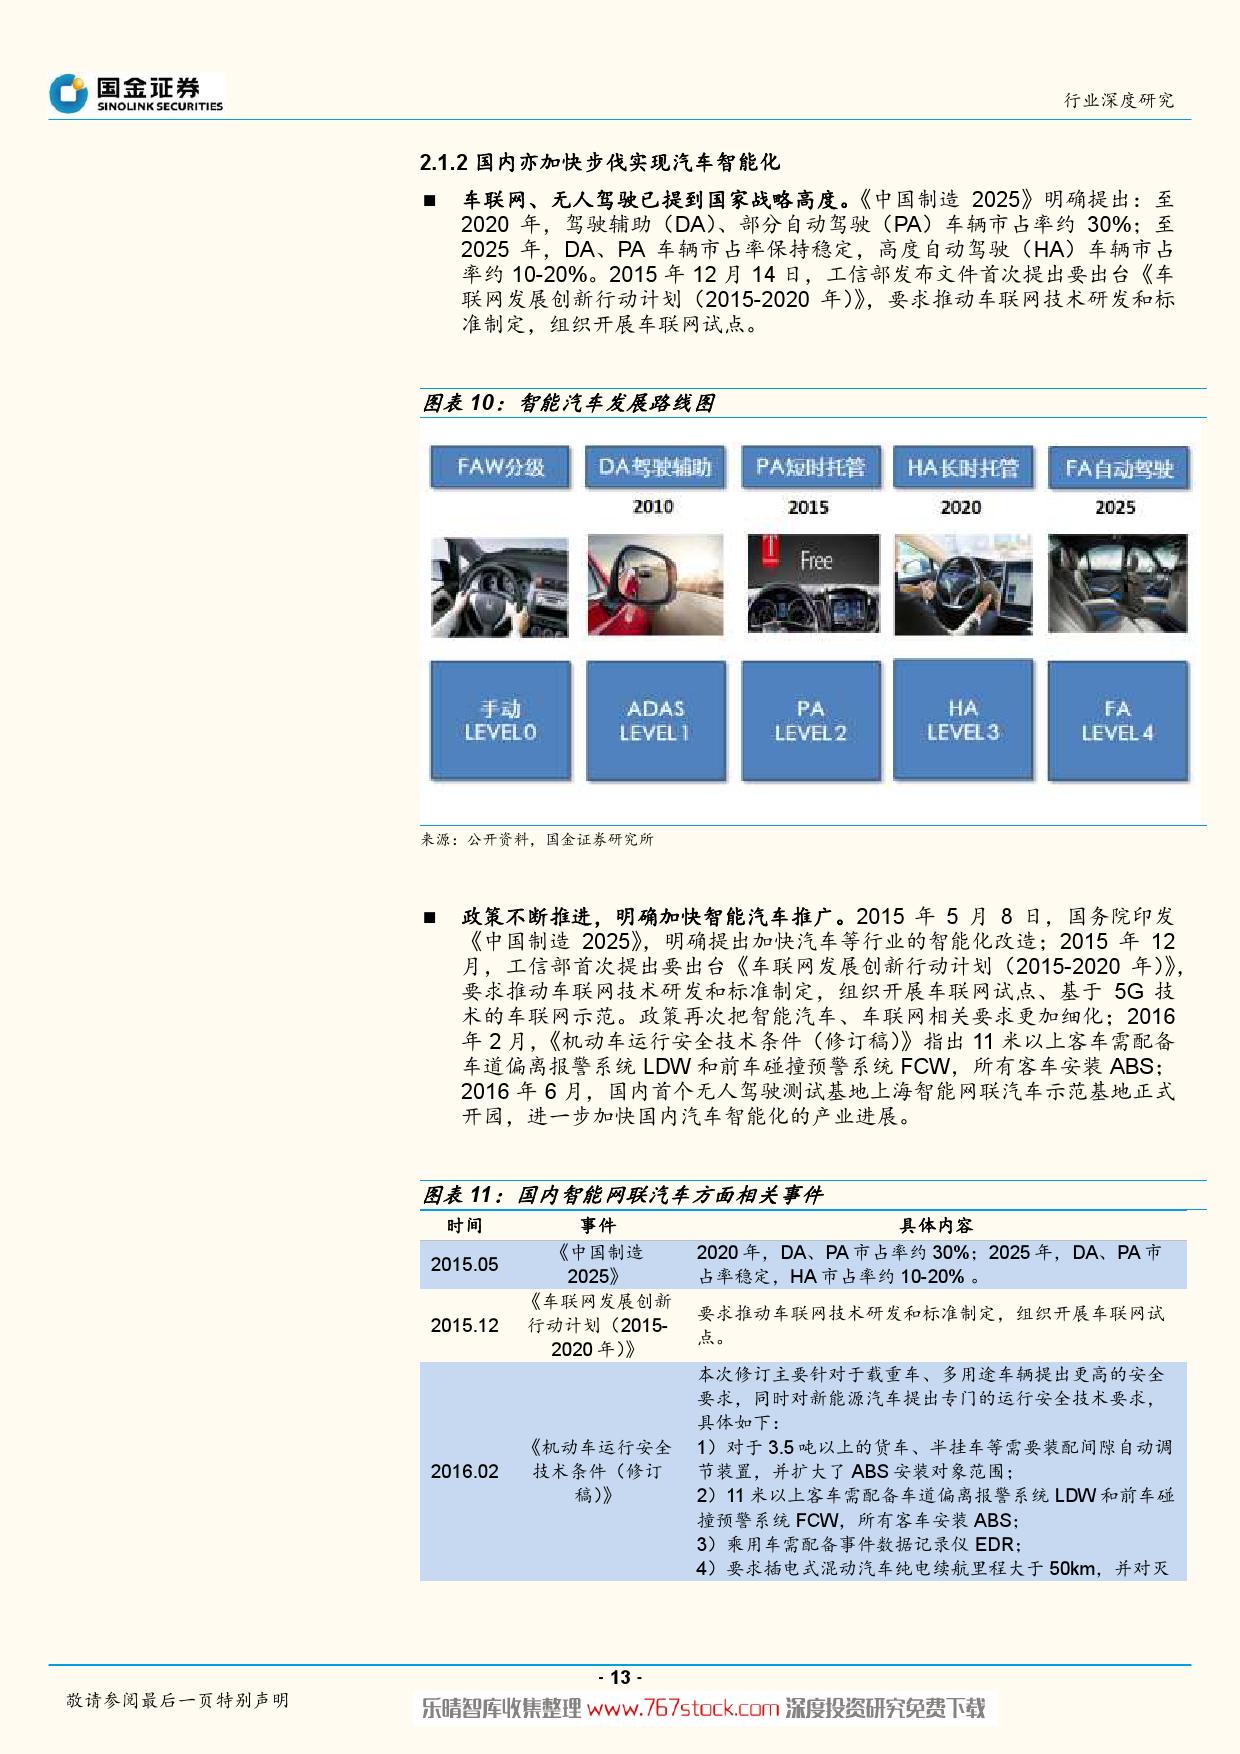 特斯拉产业系列深度报告-智能驾驶爆发在即_000013